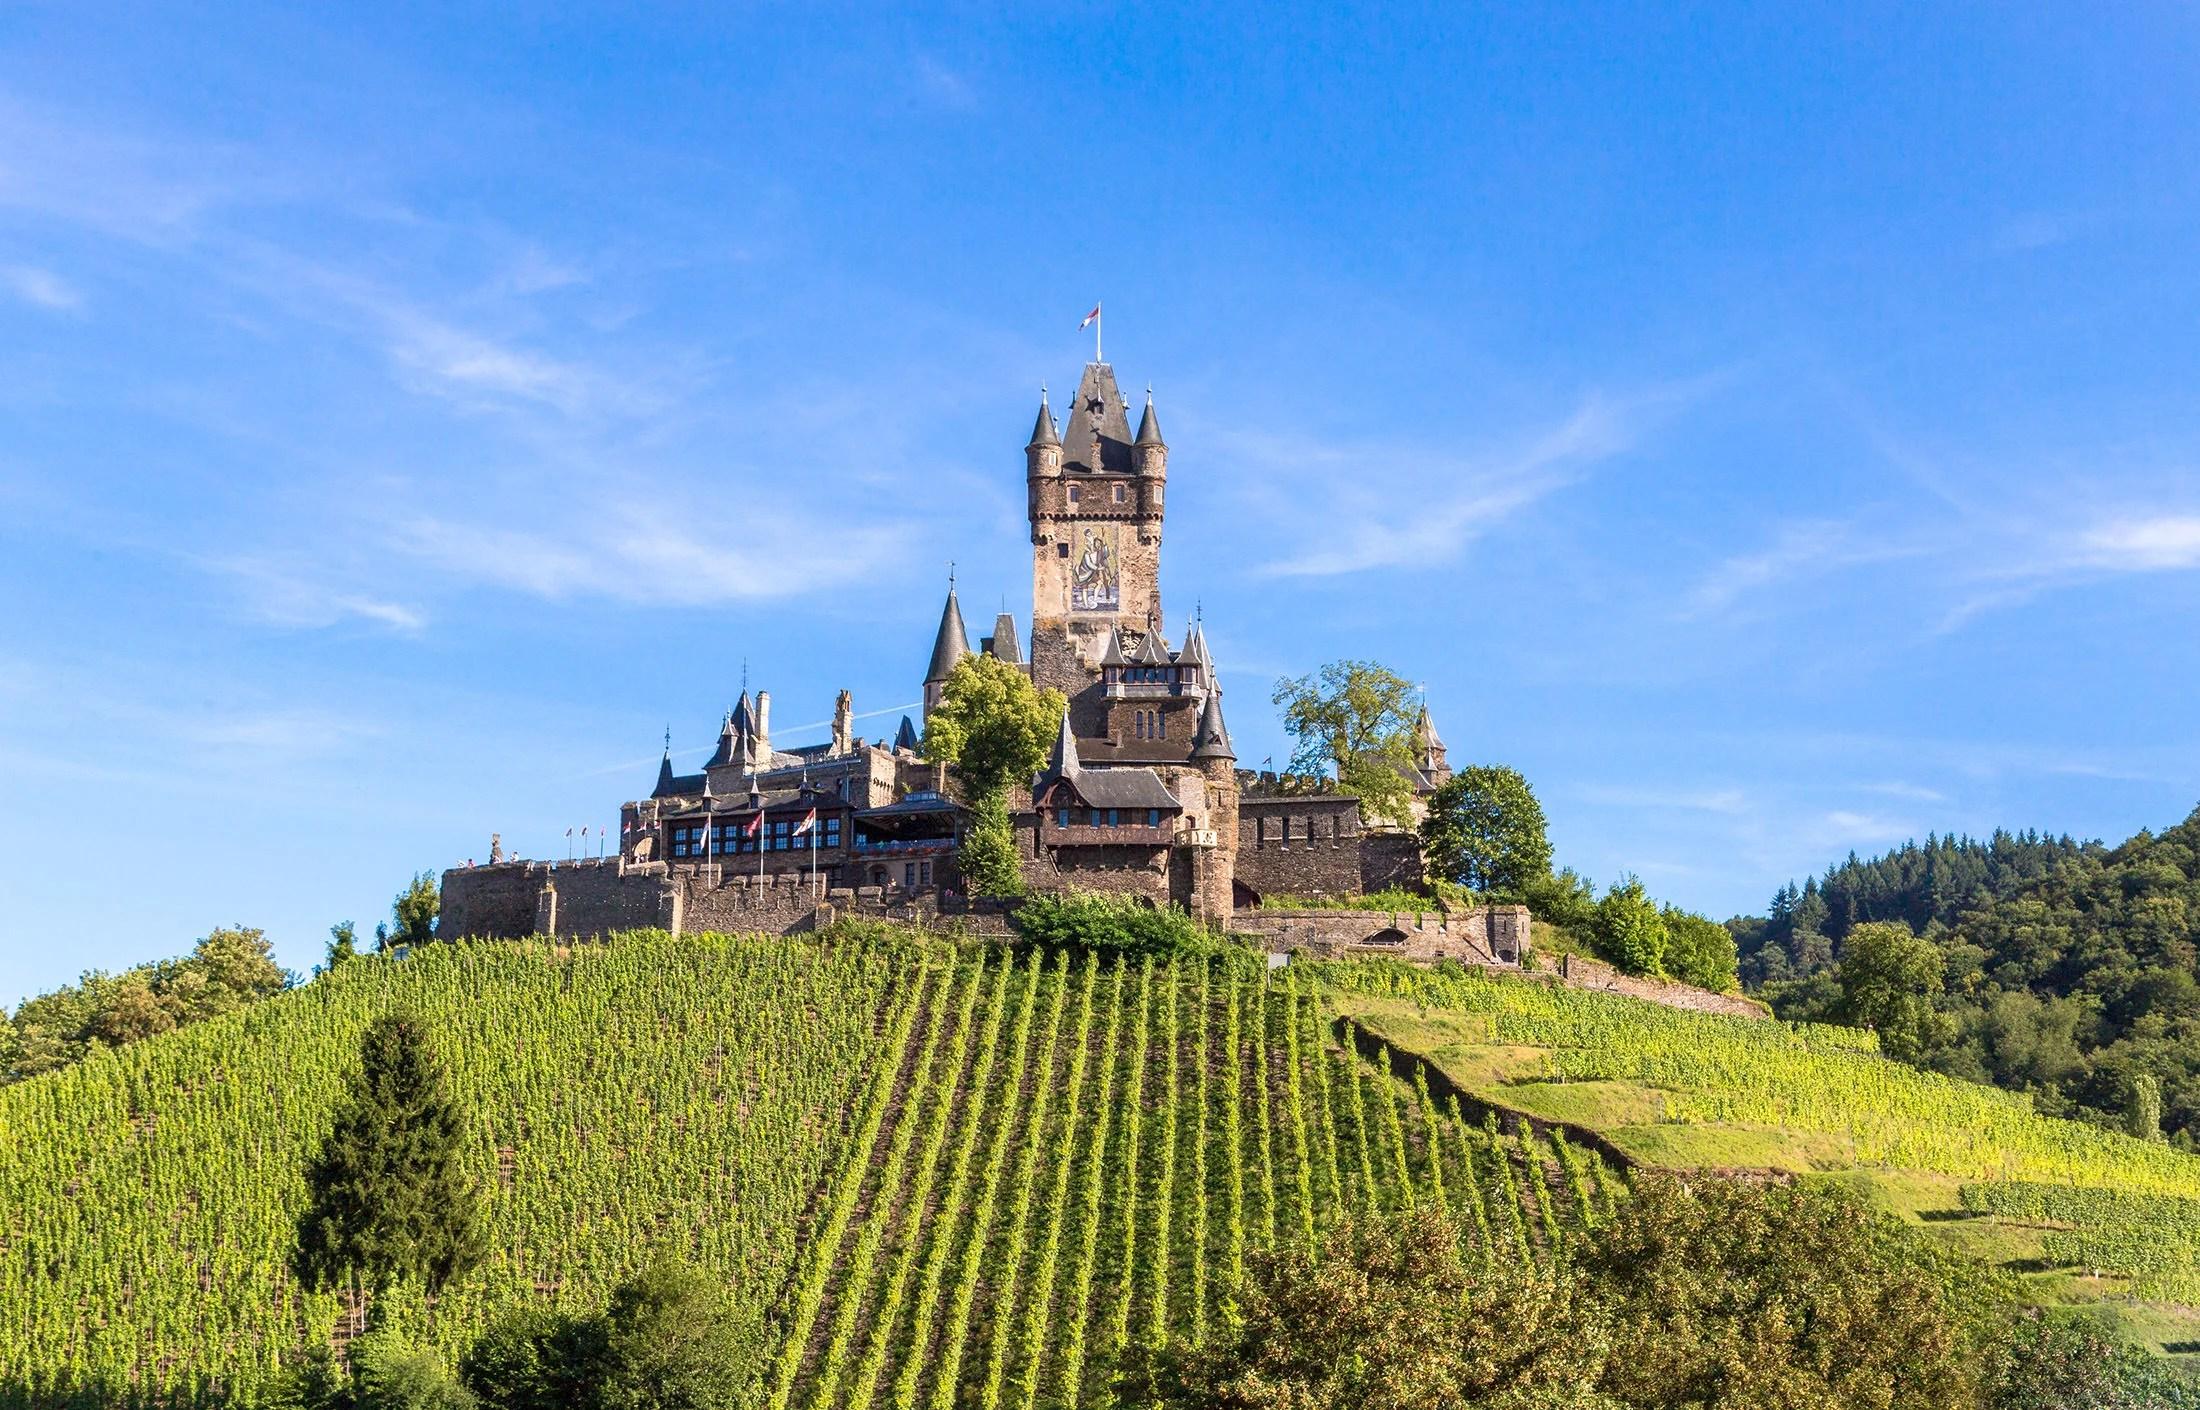 Ряды виноградников в качестве ведущих линий к замку